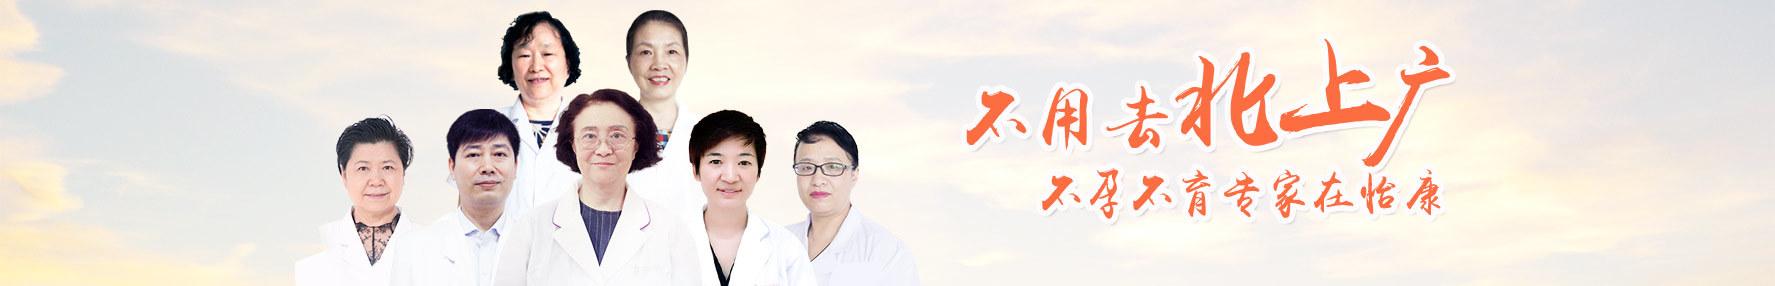 深圳不孕不育医院